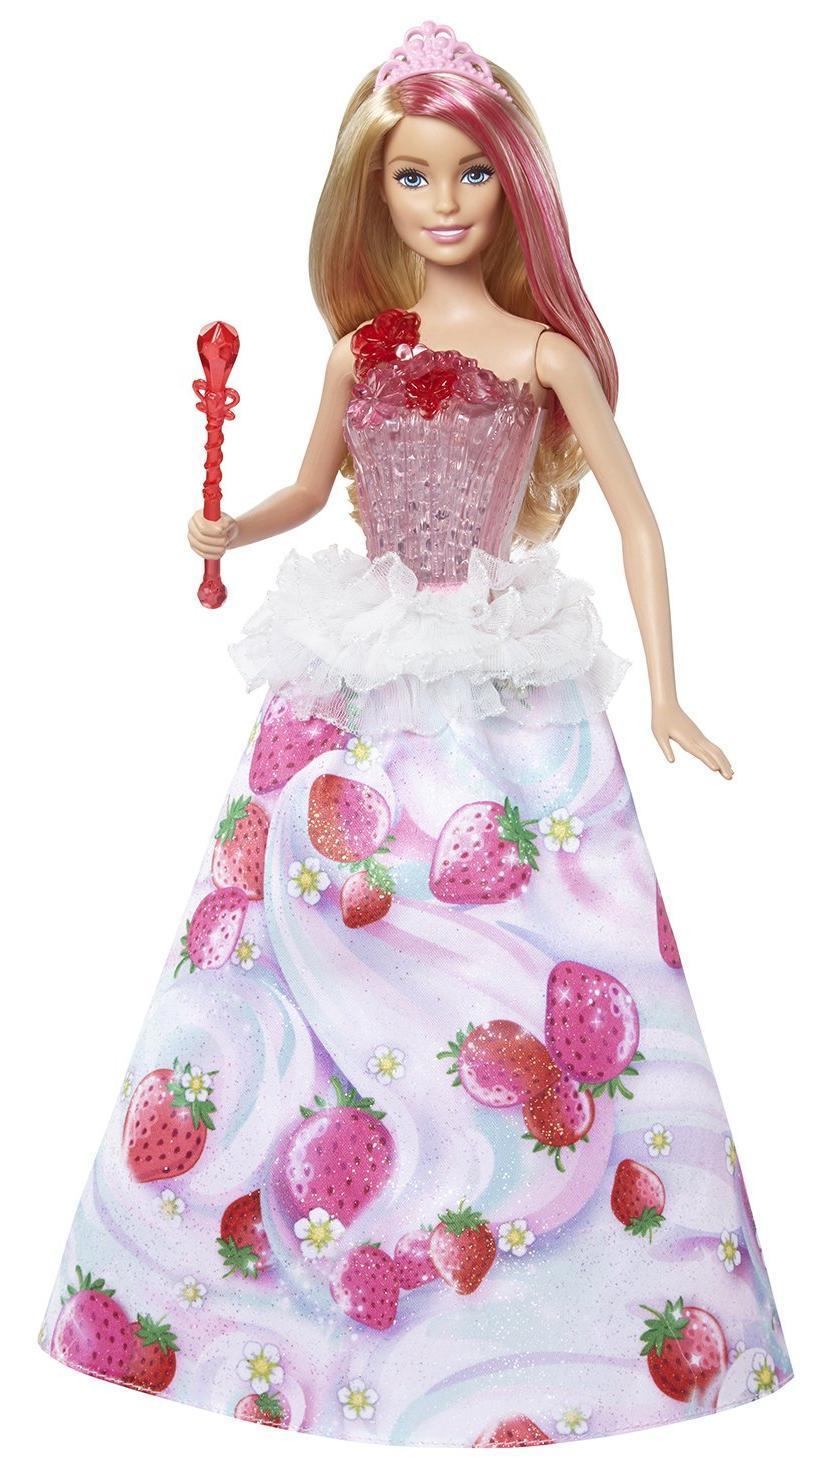 Купить Кукла Barbie Конфетная принцесса , Индонезия